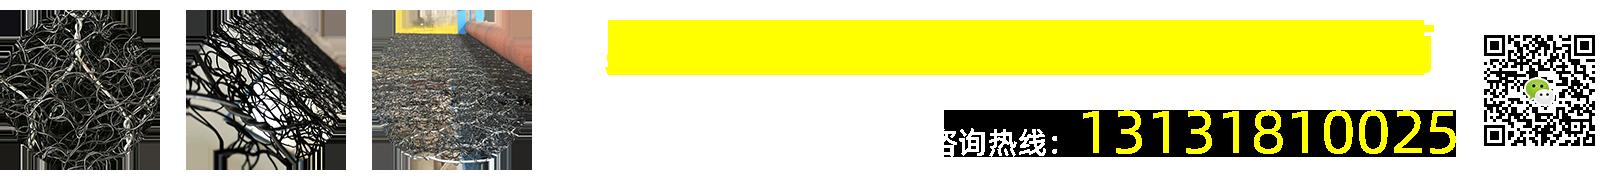 加筋麦克垫-护坡麦克垫-麦克垫厂家 - 安平县奥方丝网制品有限公司